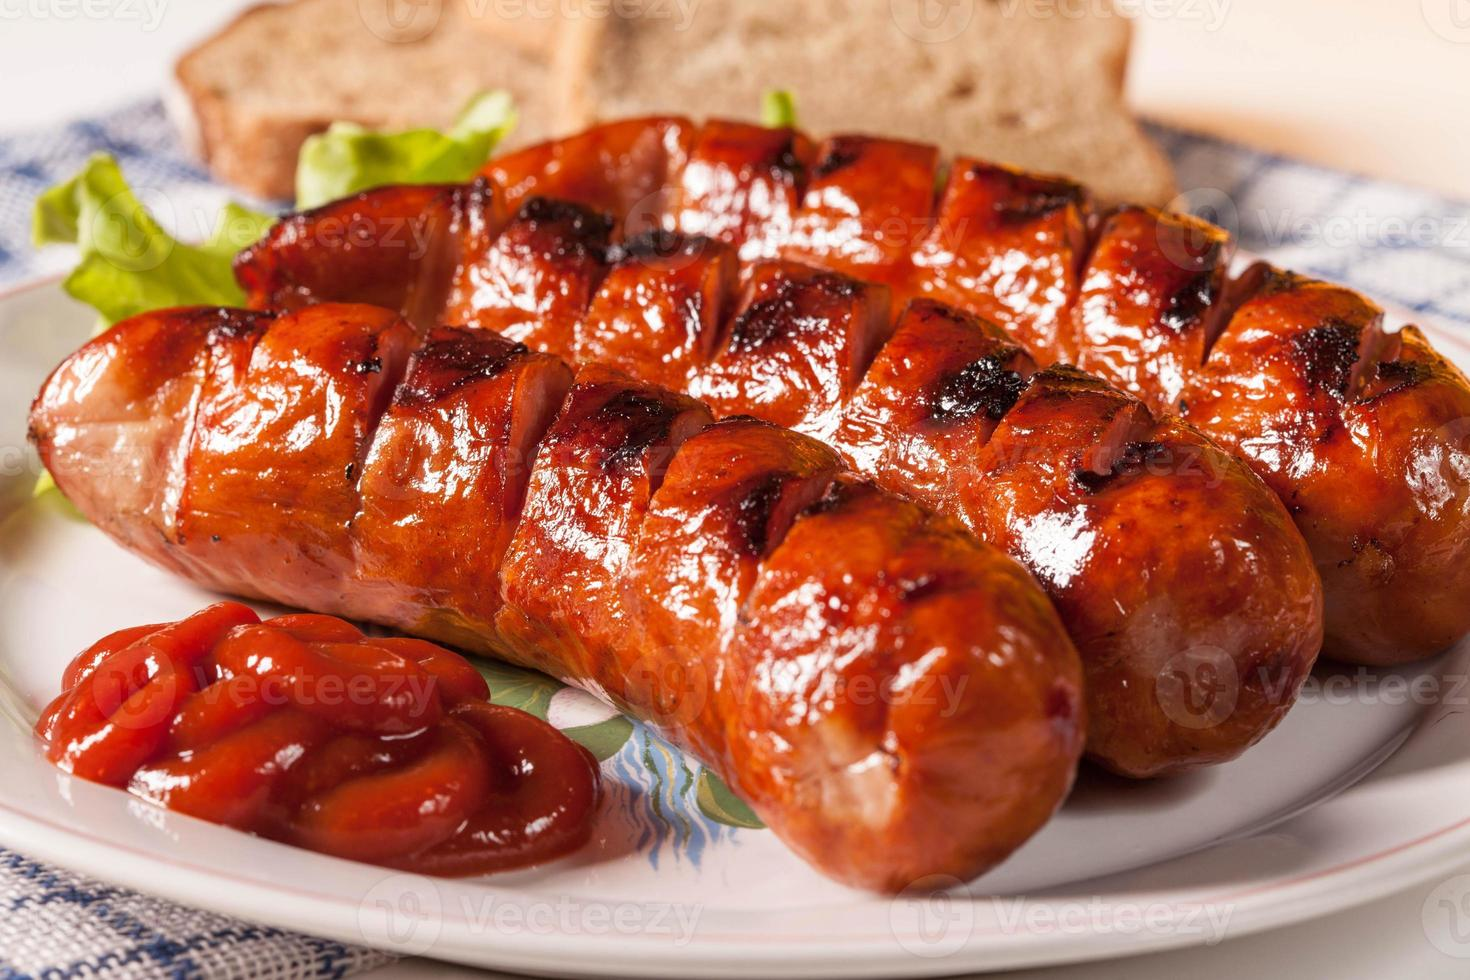 saucisse grillée. photo